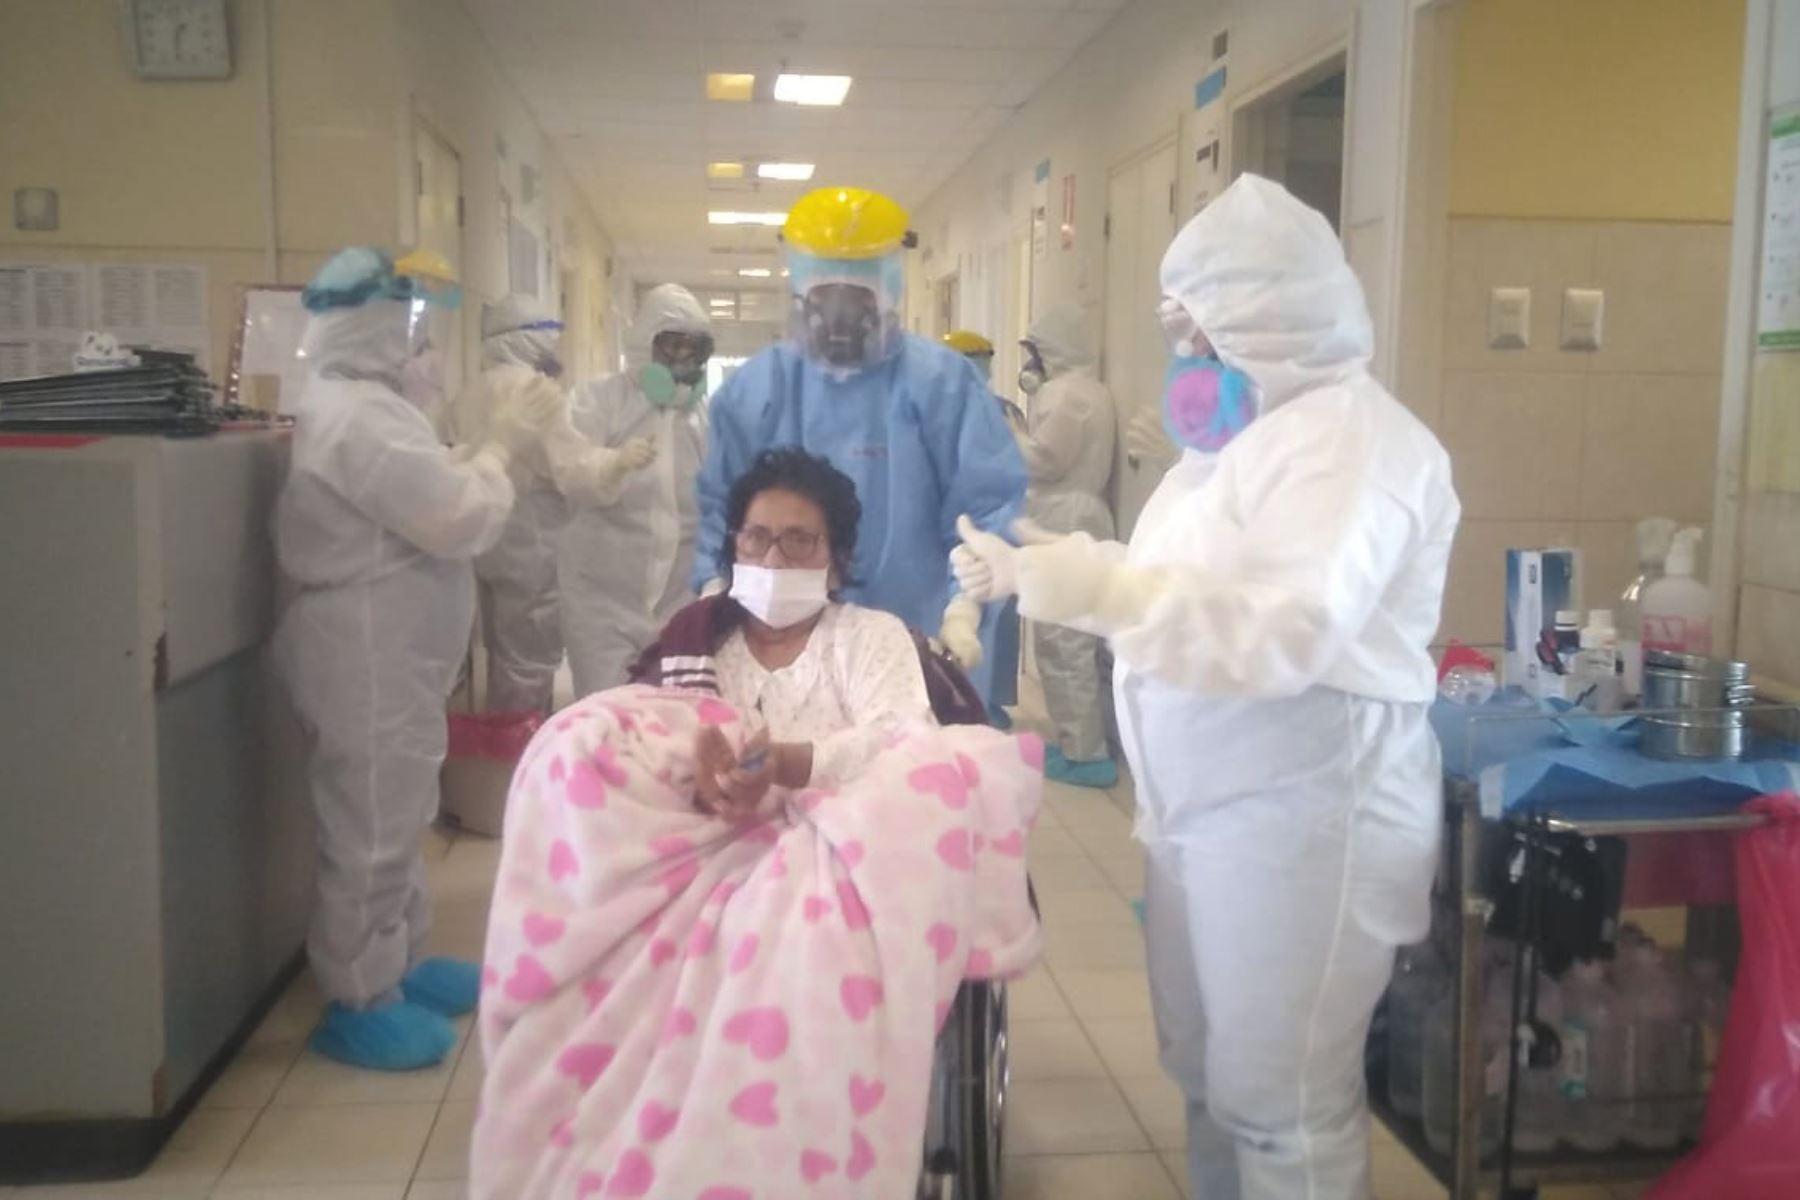 Dos pacientes fueron dados de alta del Hospital Luis Heysen Incháustegui, de la ciudad de Chiclayo, región Lambayeque.